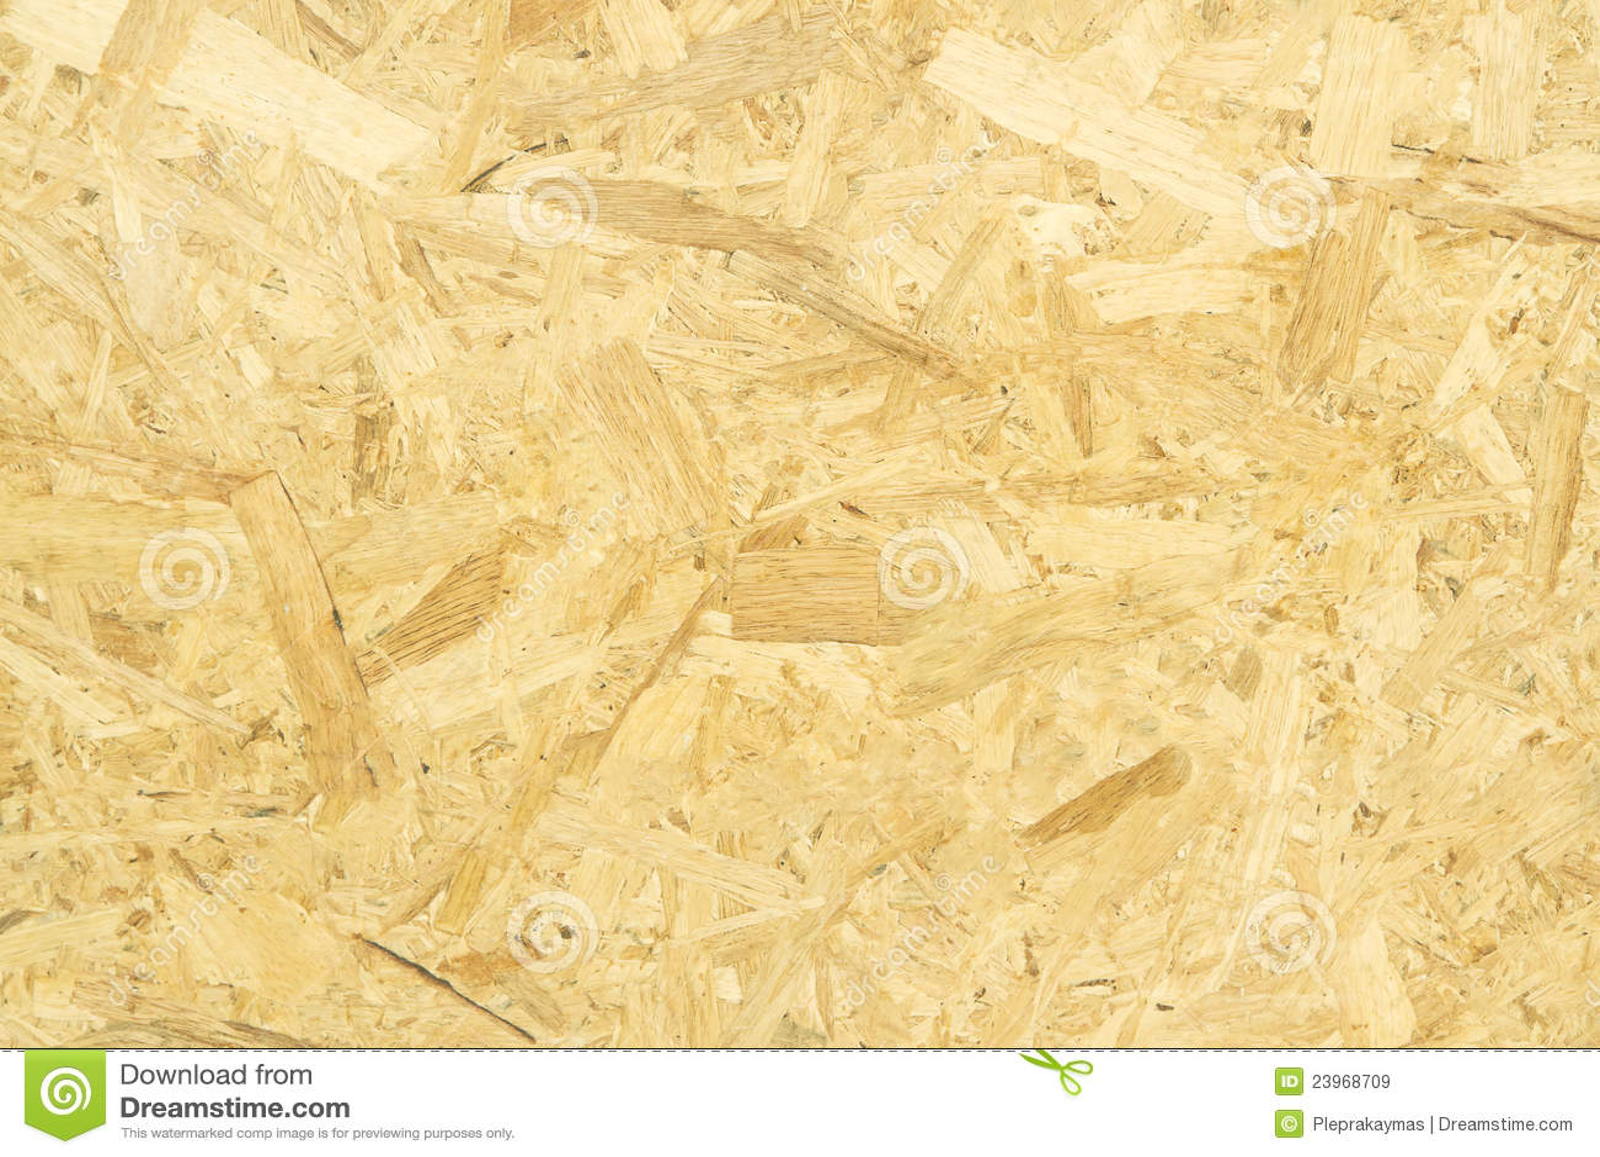 Fond de texture de contre-plaqué